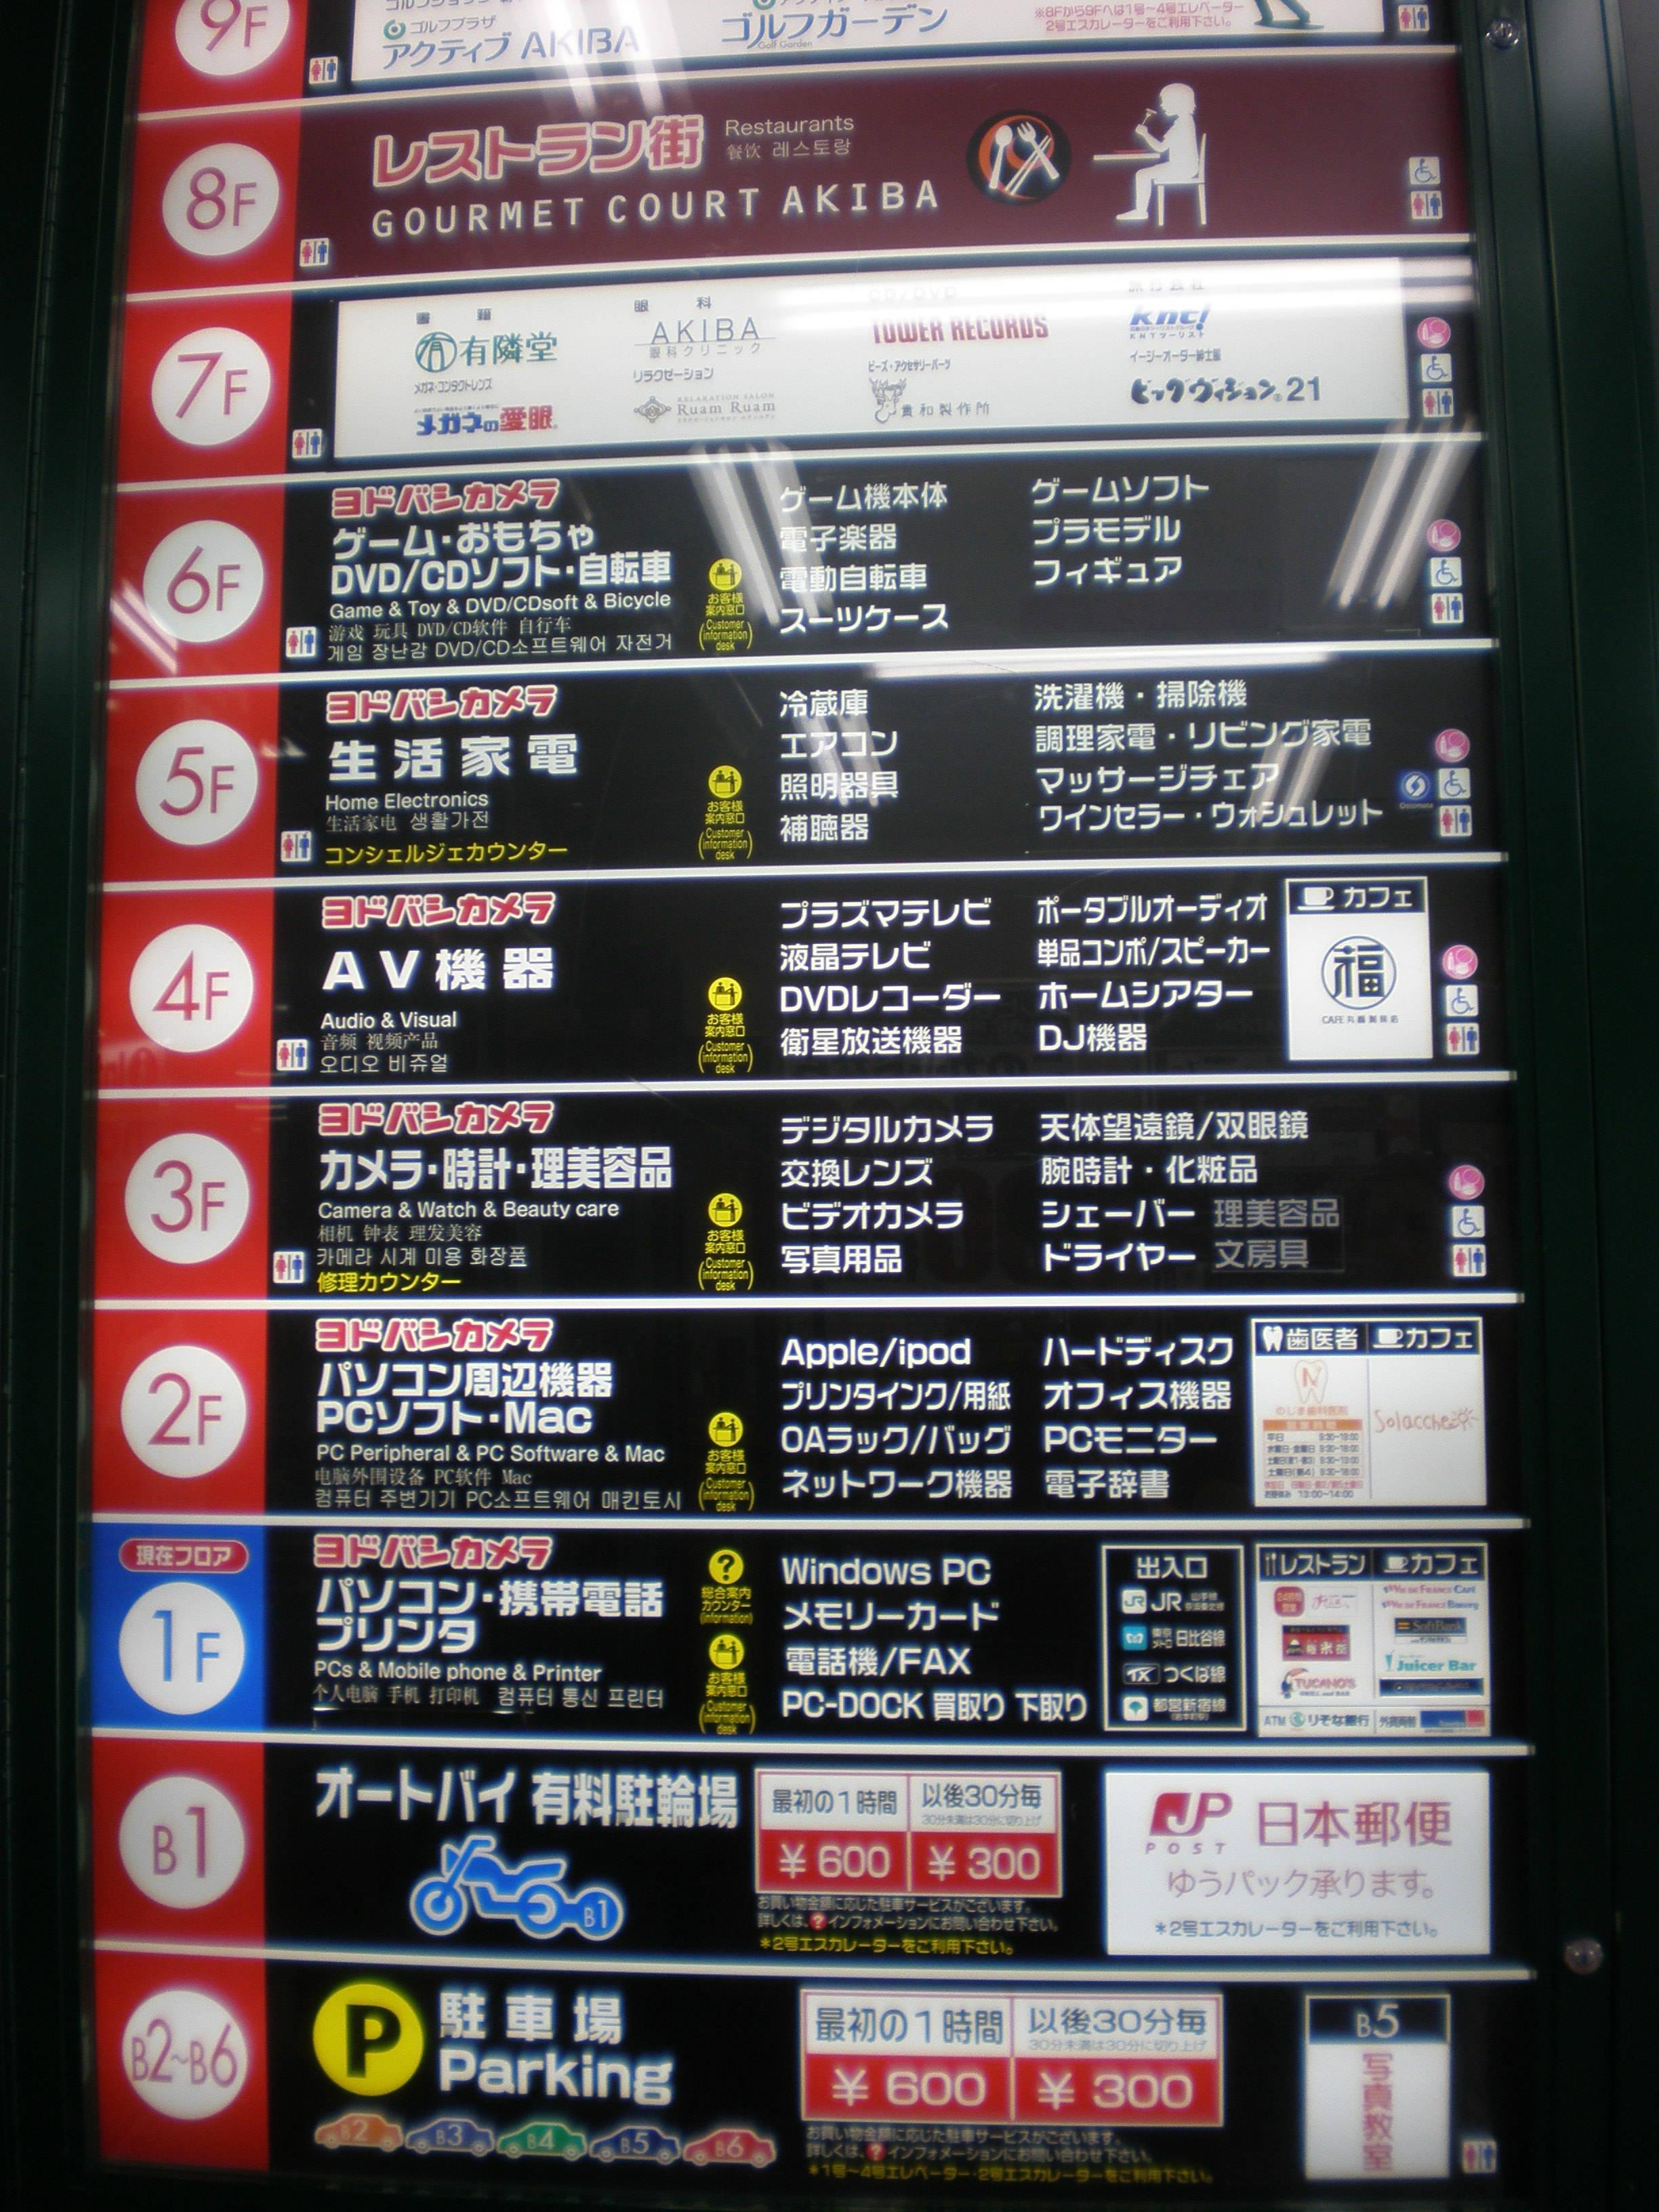 Yodabashi Camera store guide